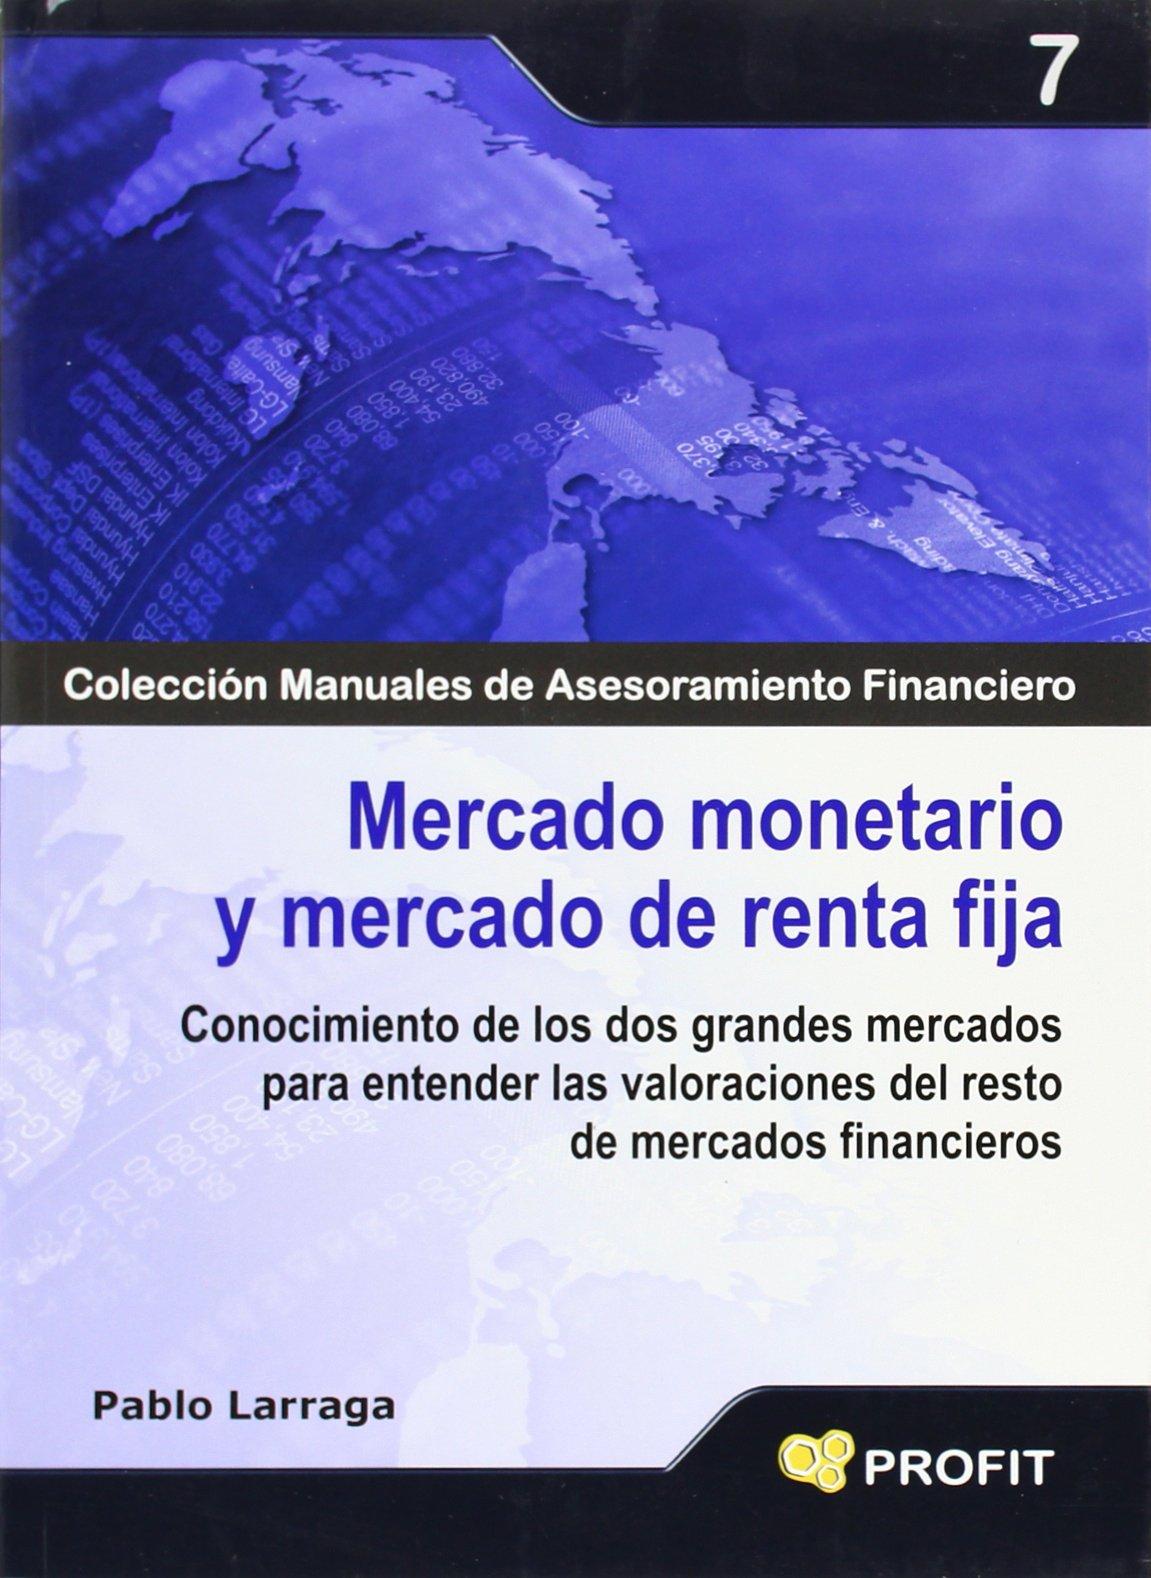 Mercado monetario y mercado de renta fija: Conocimiento de los dos grandes mercados para entender